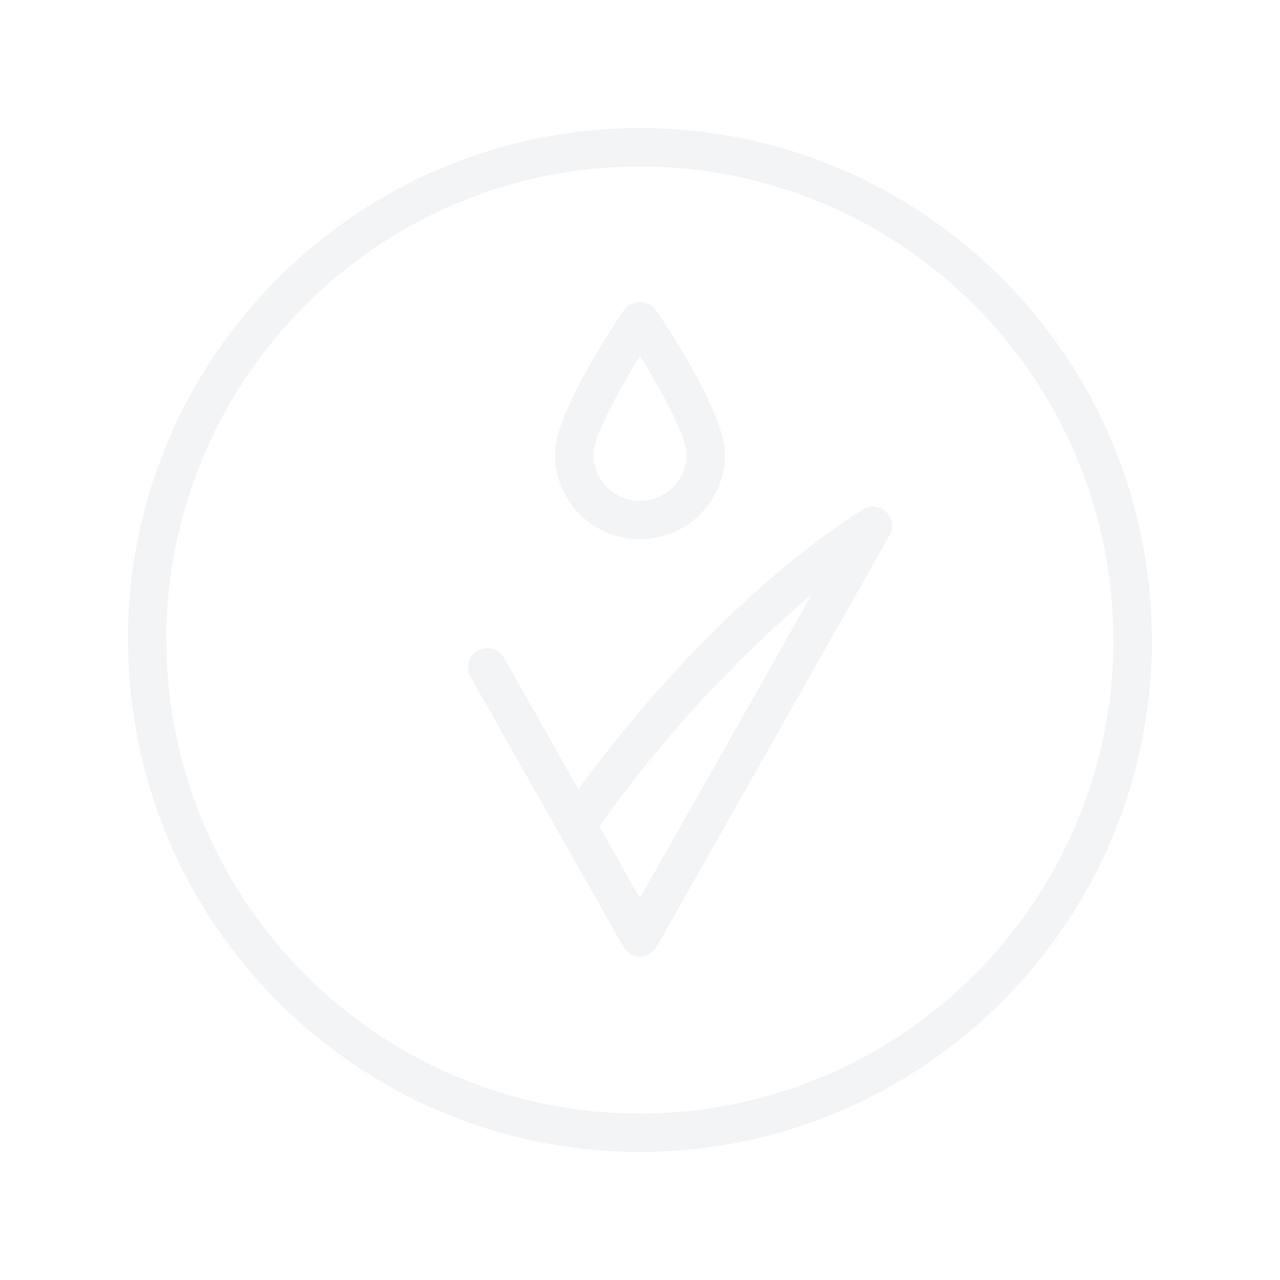 SENSAI Eyebrow Pencil 0.2g